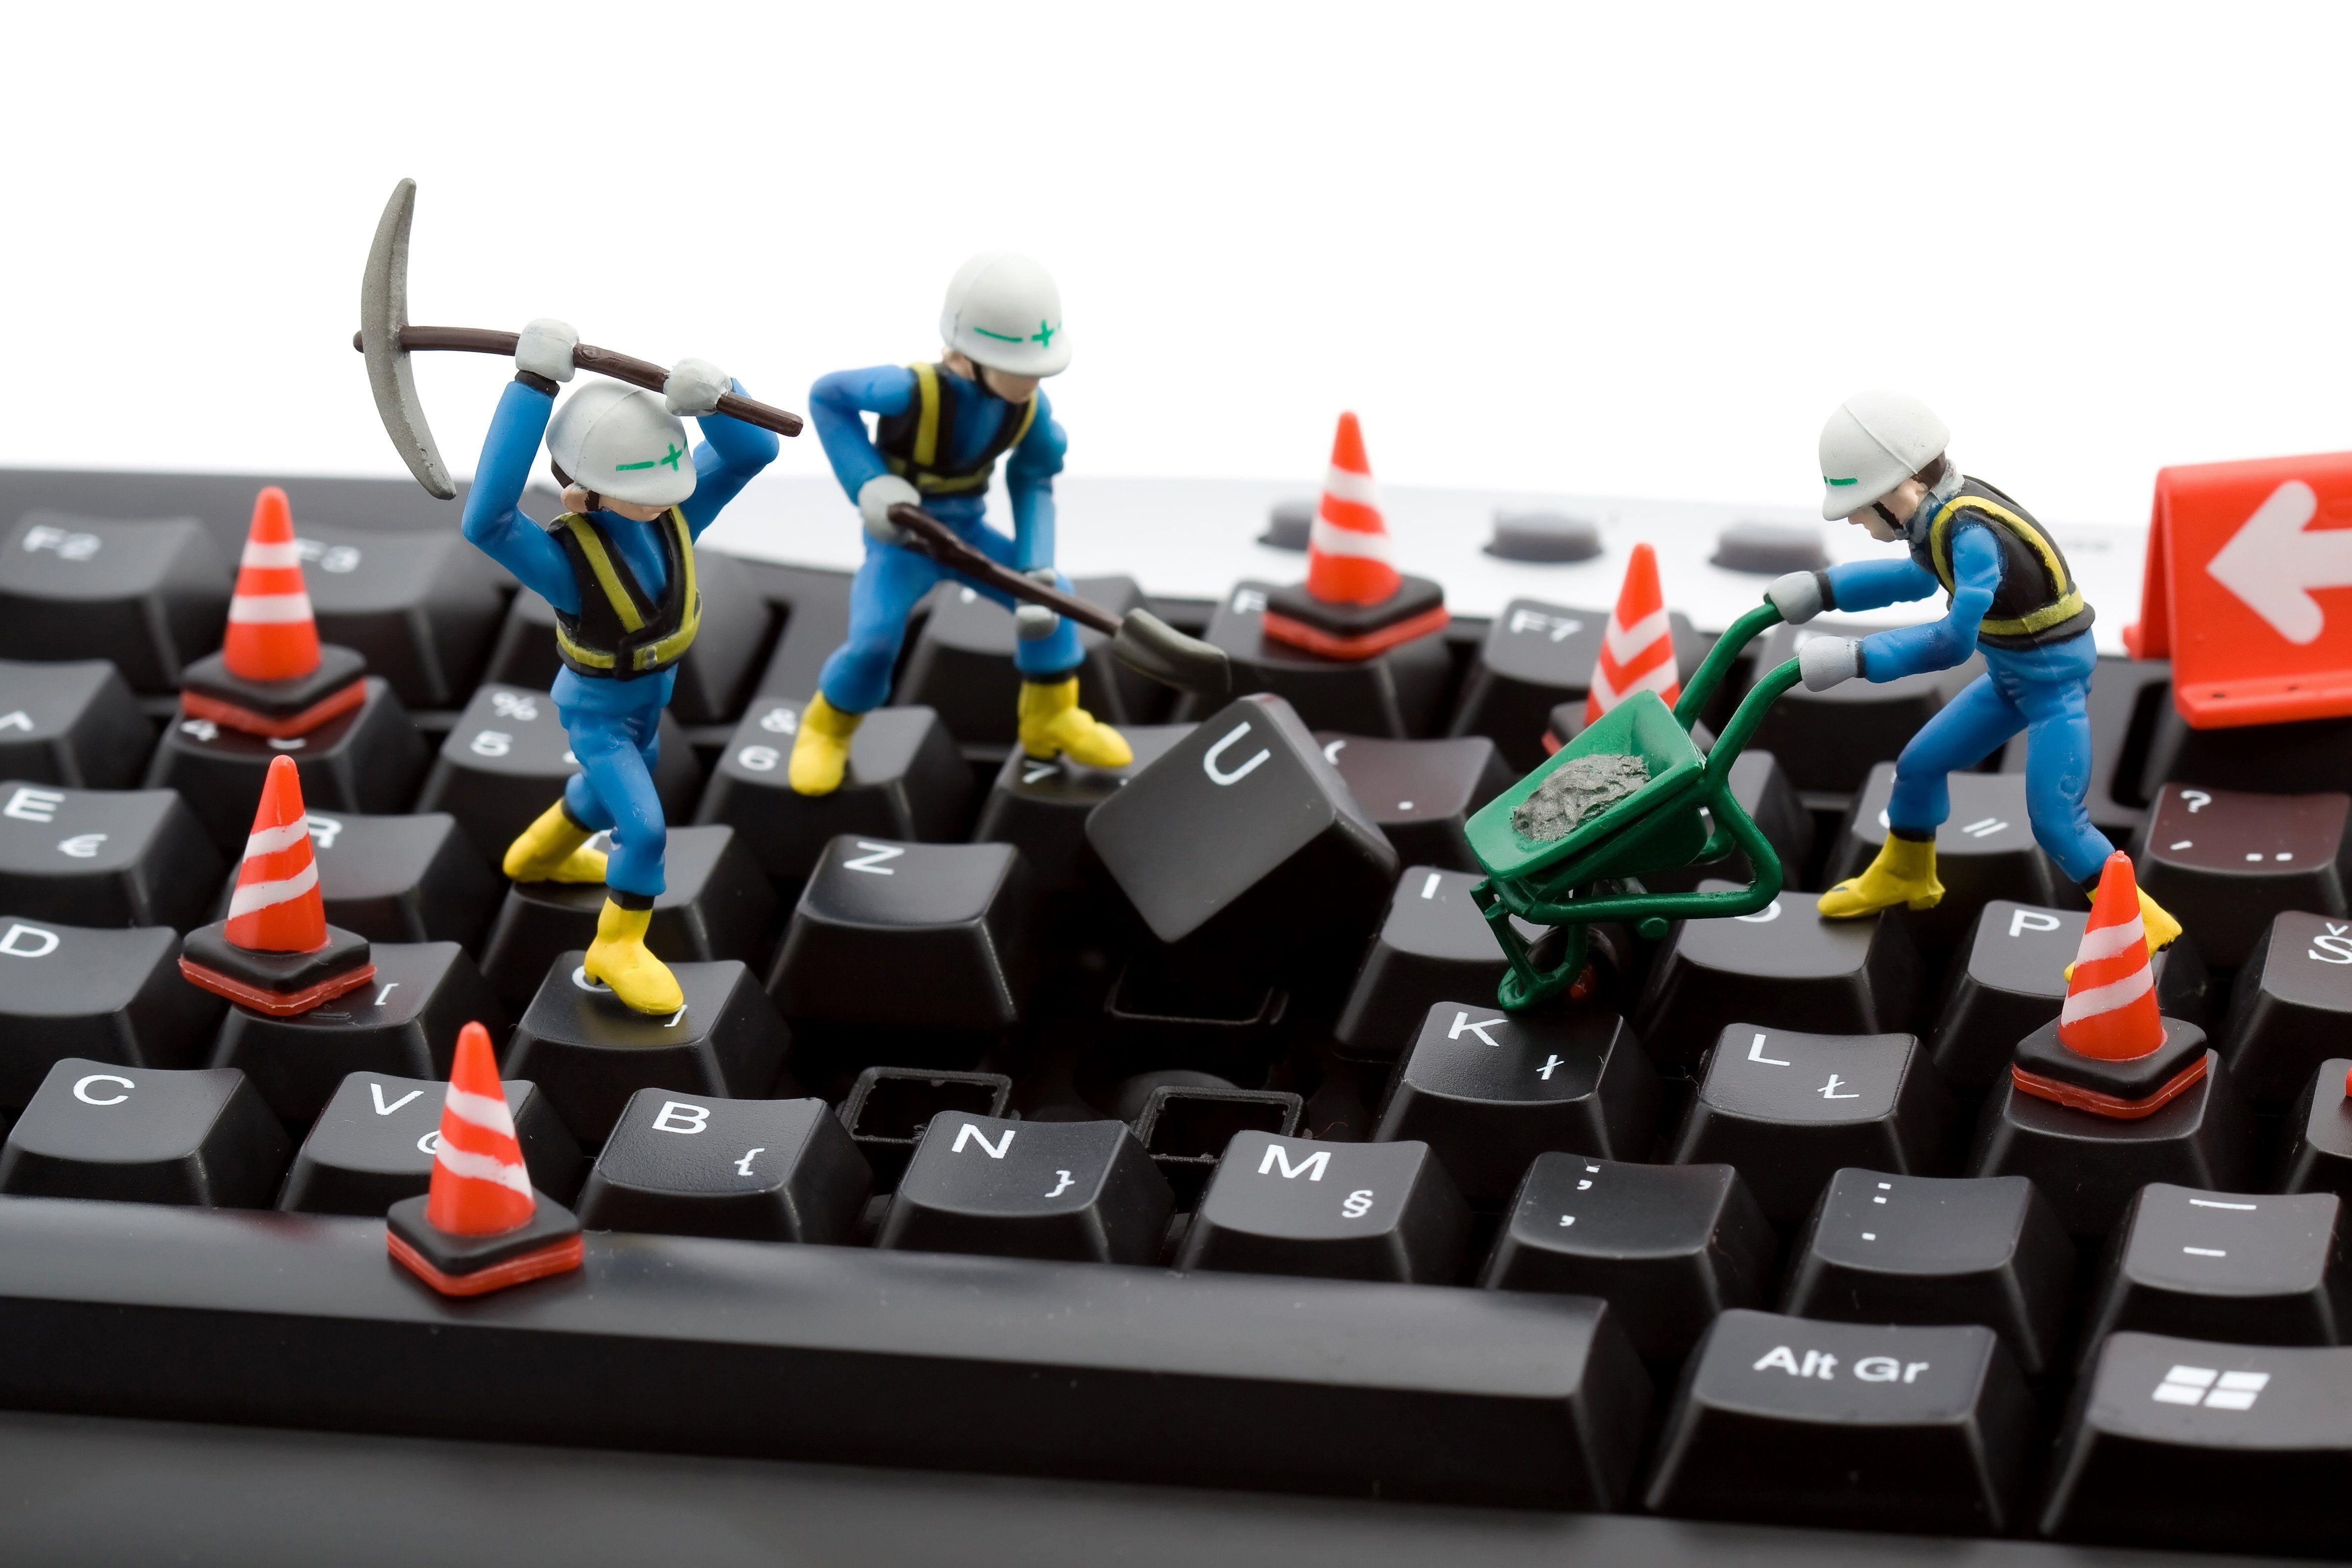 Computer Keyboard Keyboard Wallpaper 4k